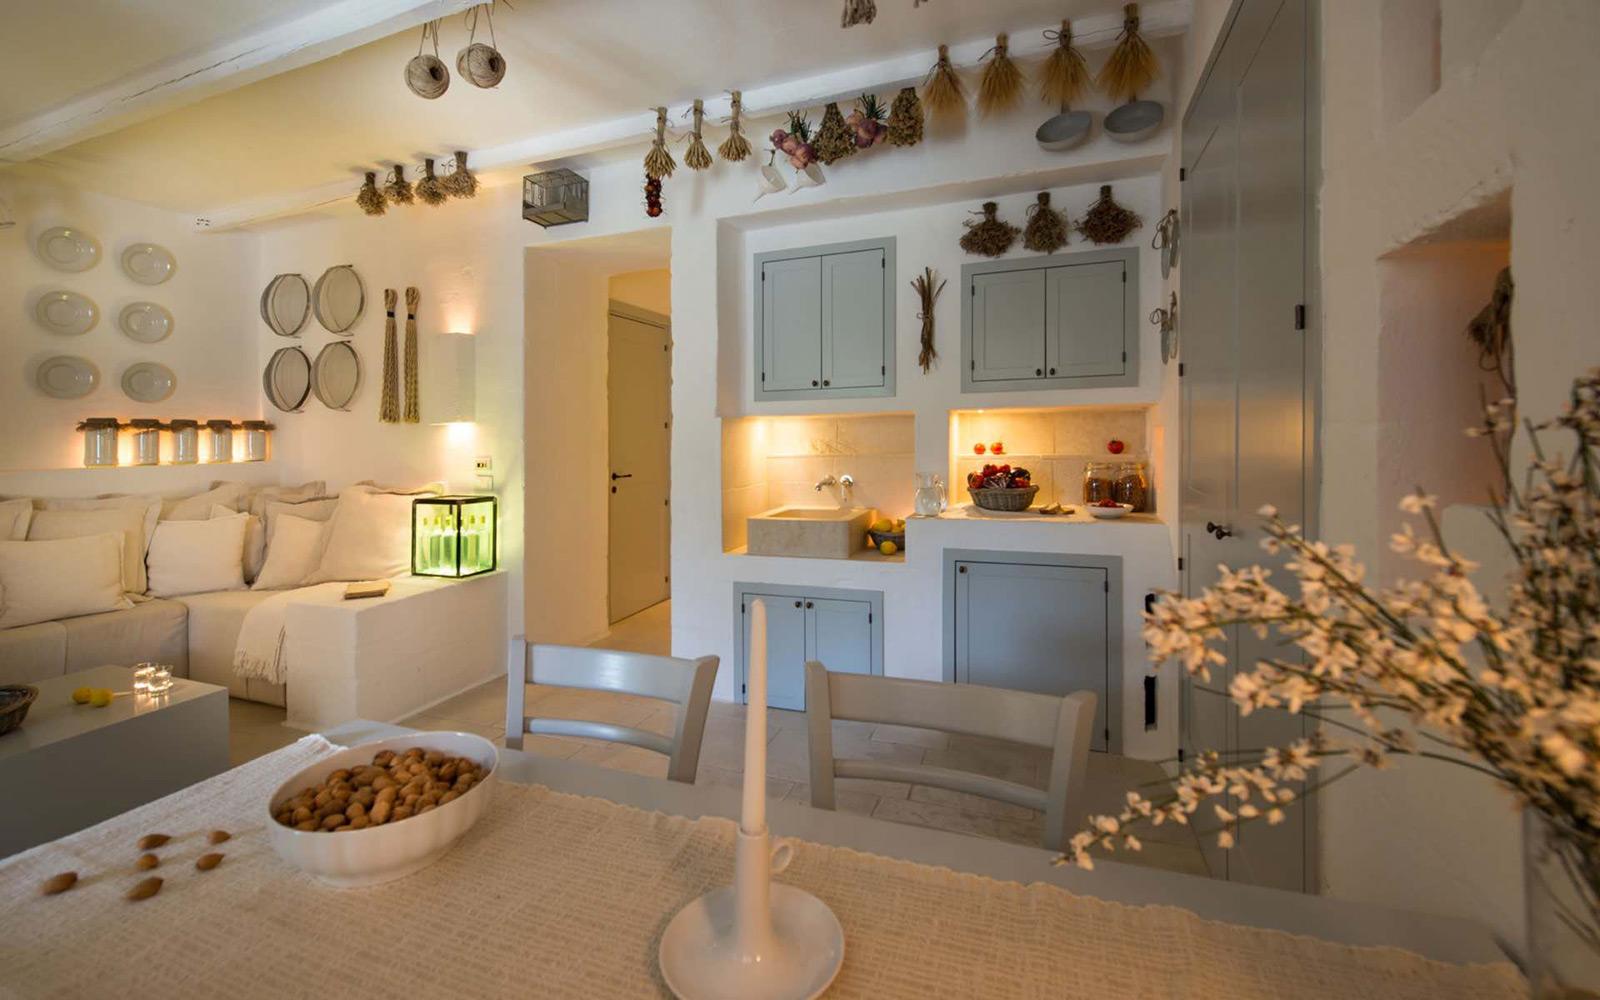 Casetta Splendida - Living Room